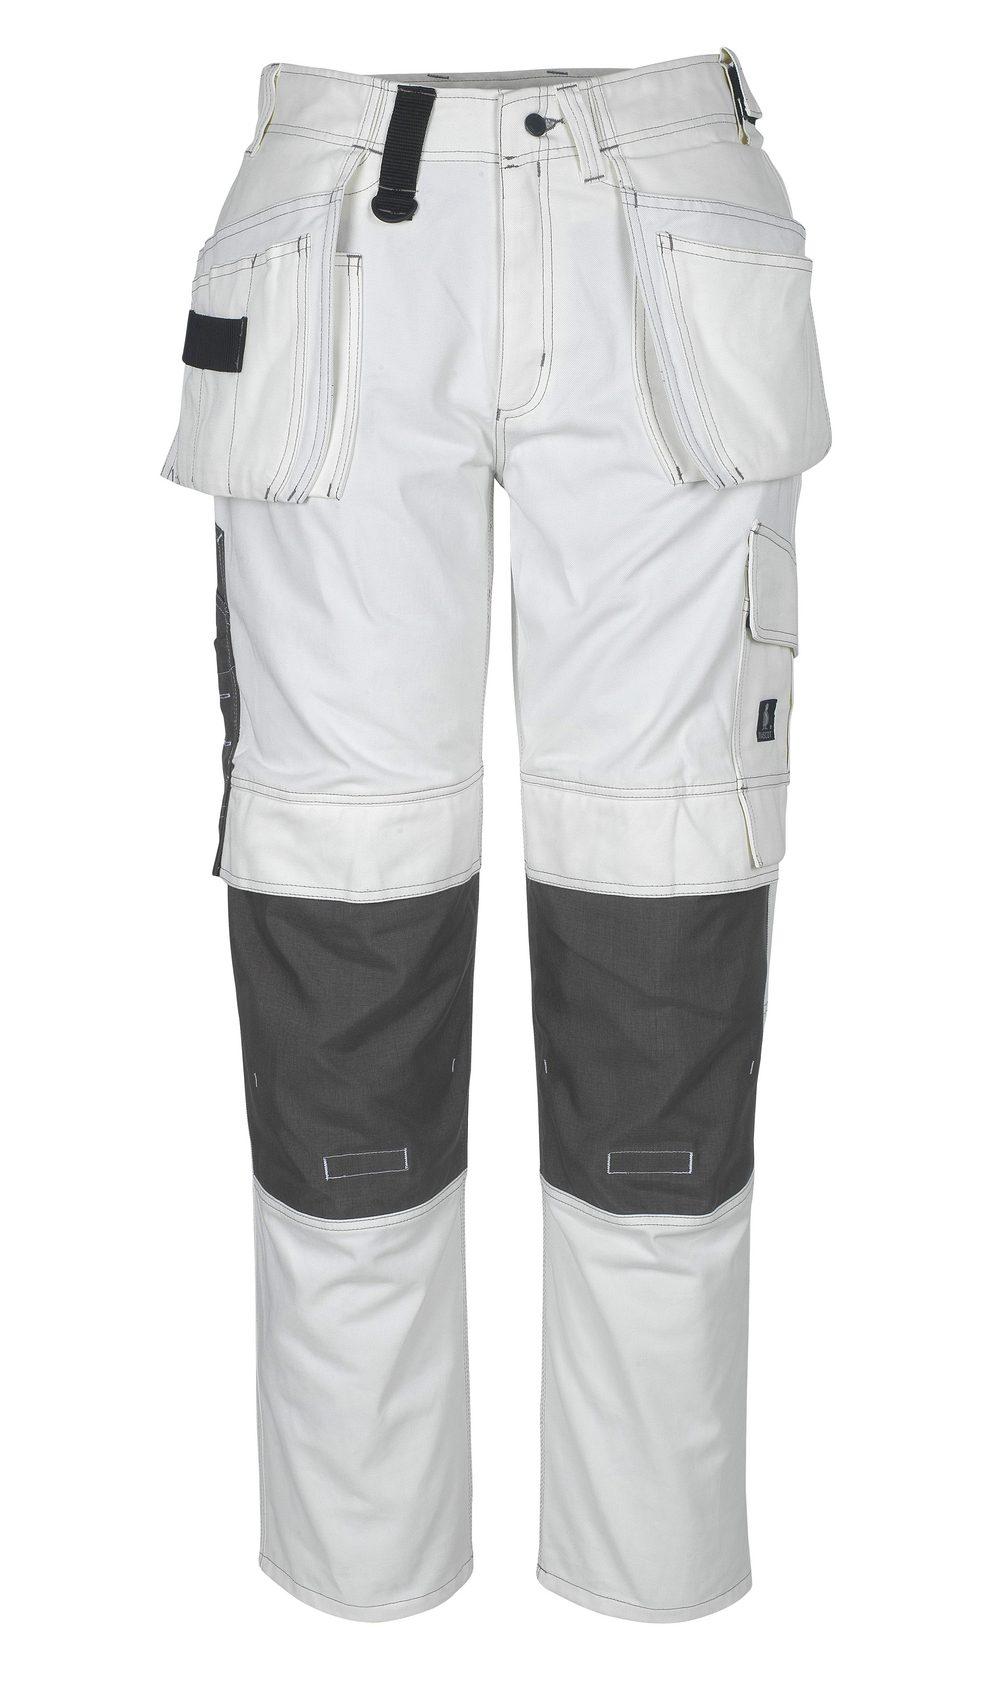 Mascot Atlanta Pants White